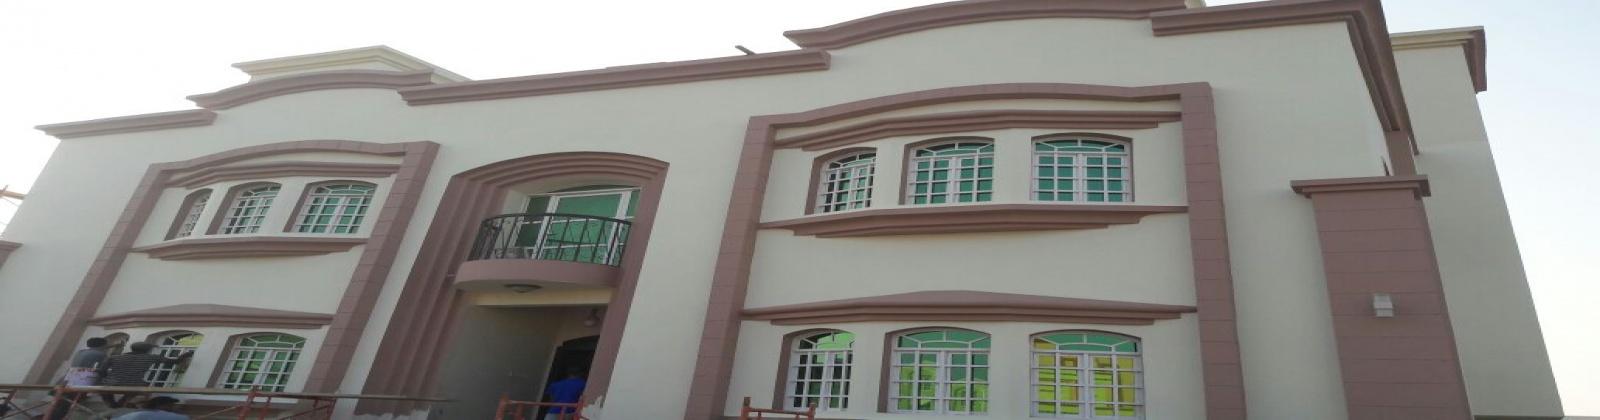 Dama,Muscat,2 Bedrooms Bedrooms,2 BathroomsBathrooms,Apartment,Noor,Dama ,2,1003